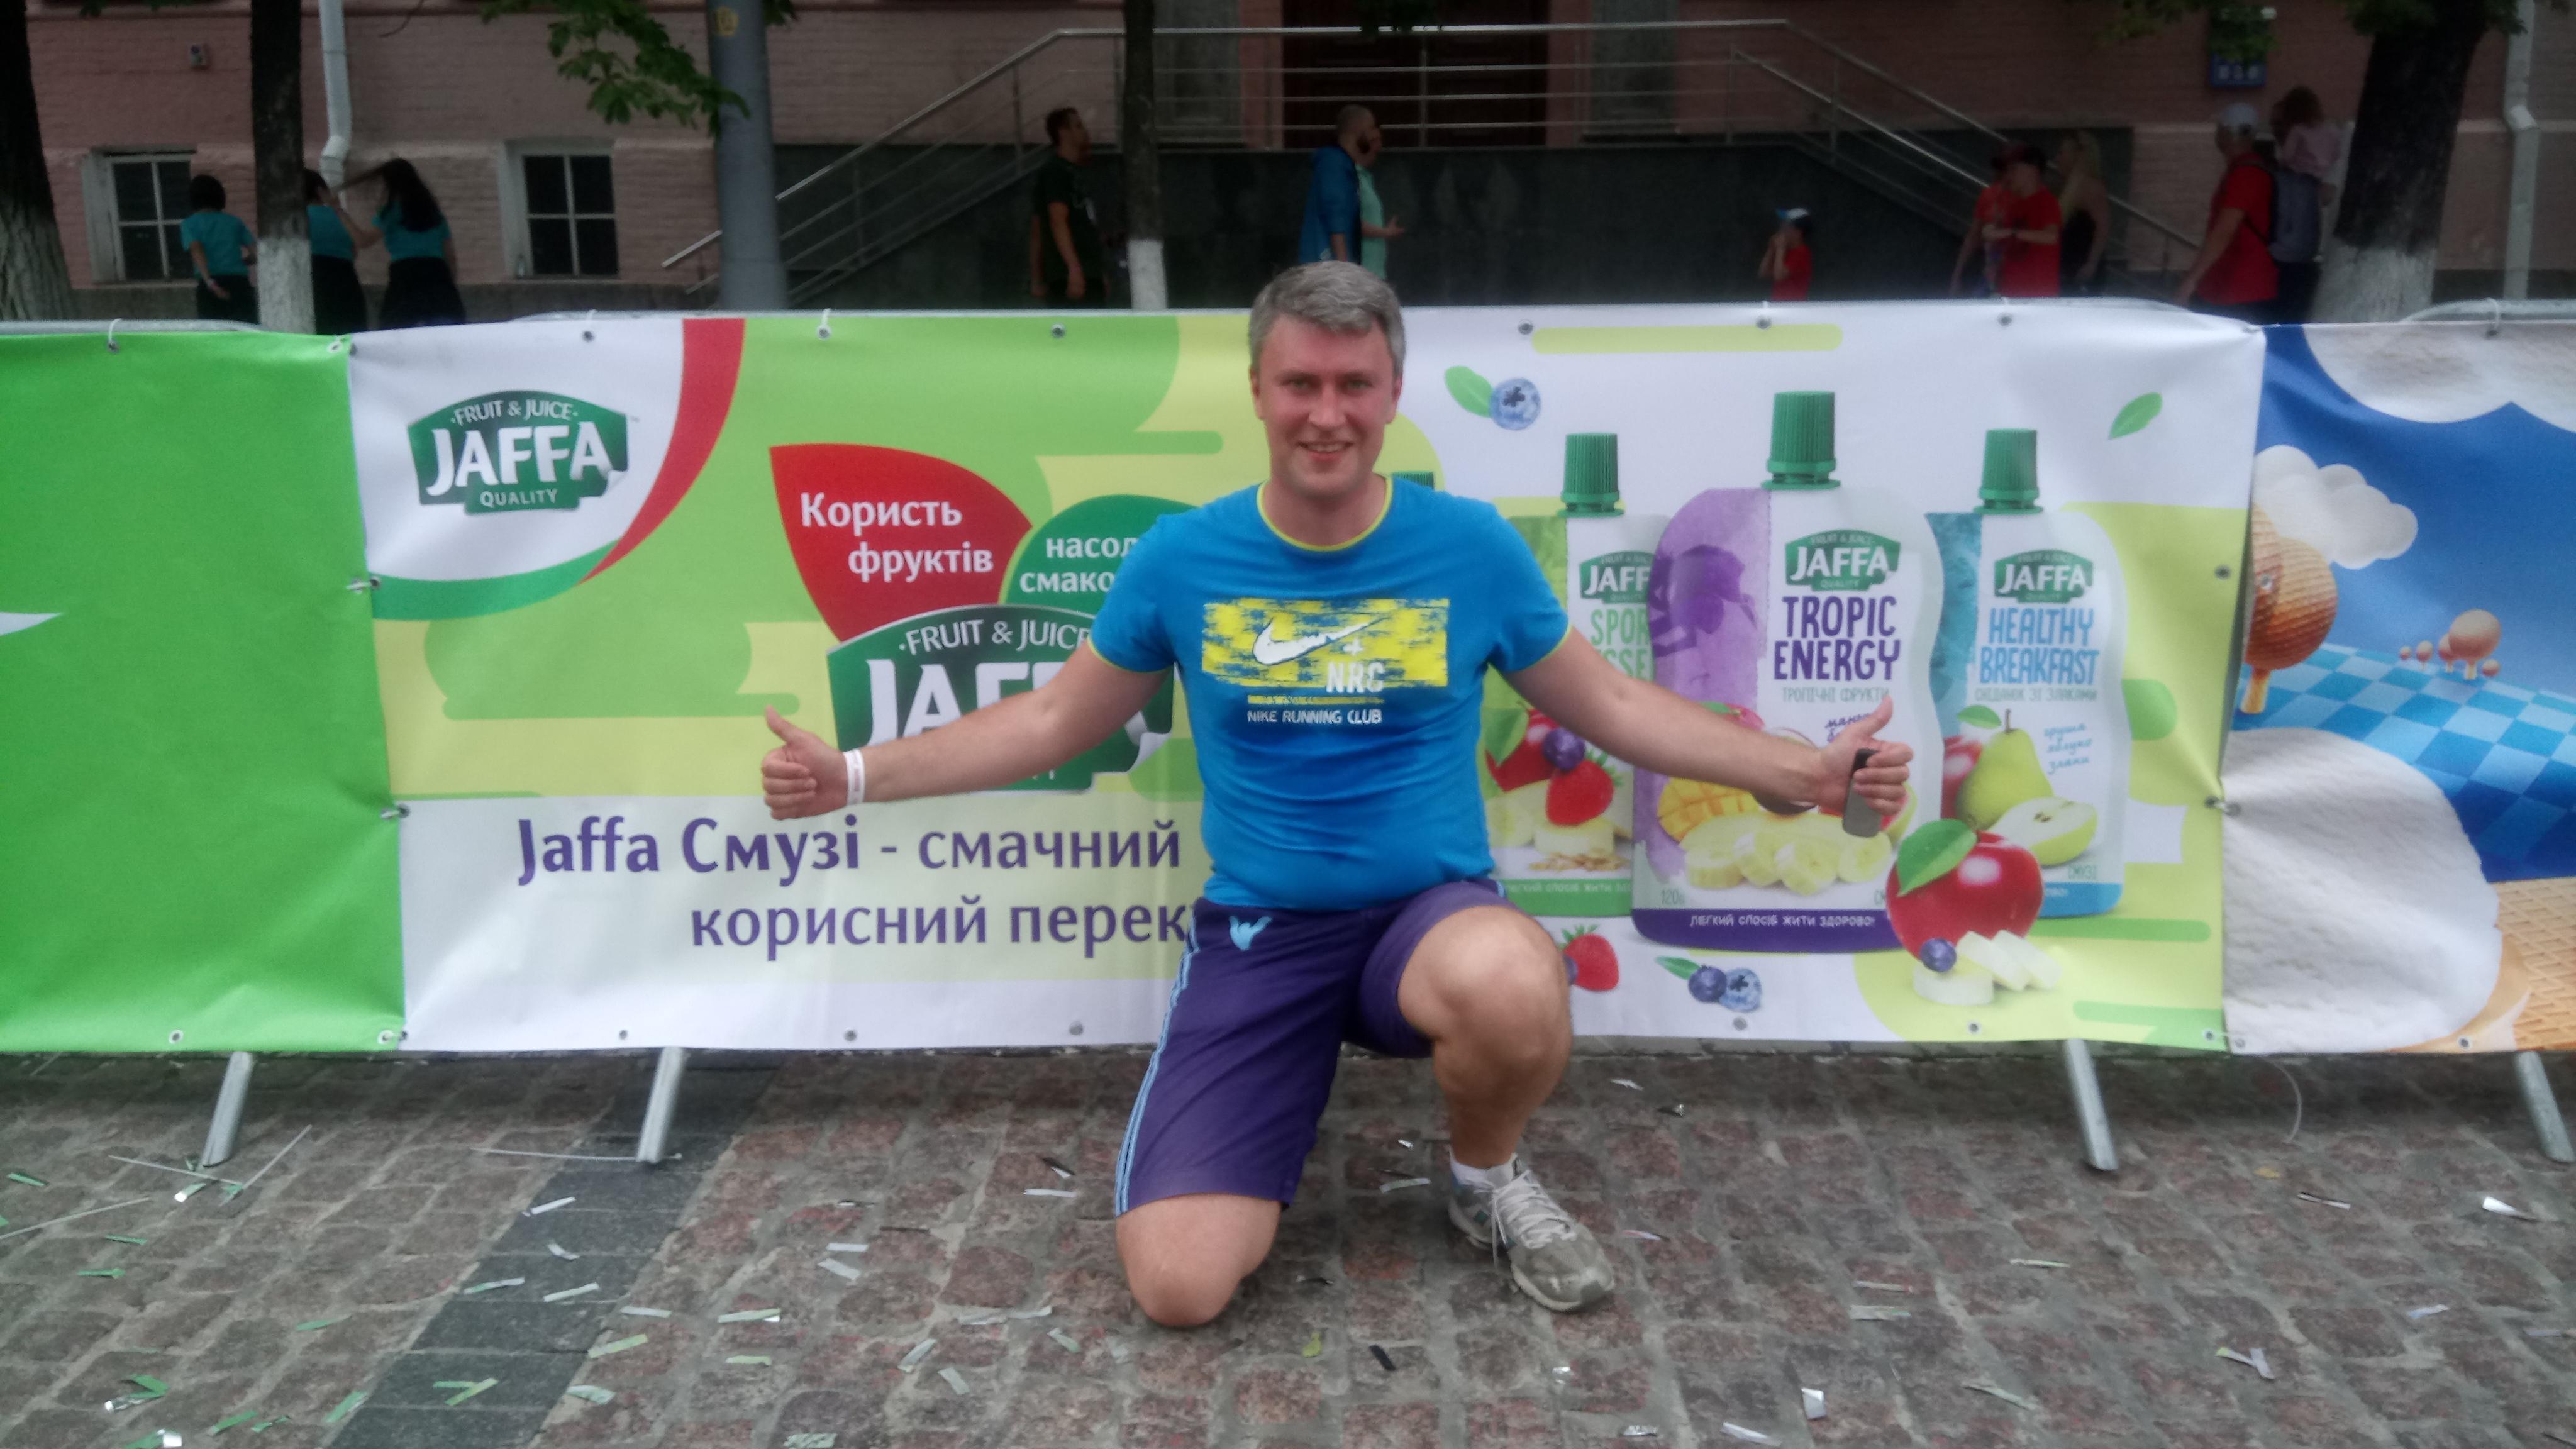 З Jaffa — до нових рекордів! - photo